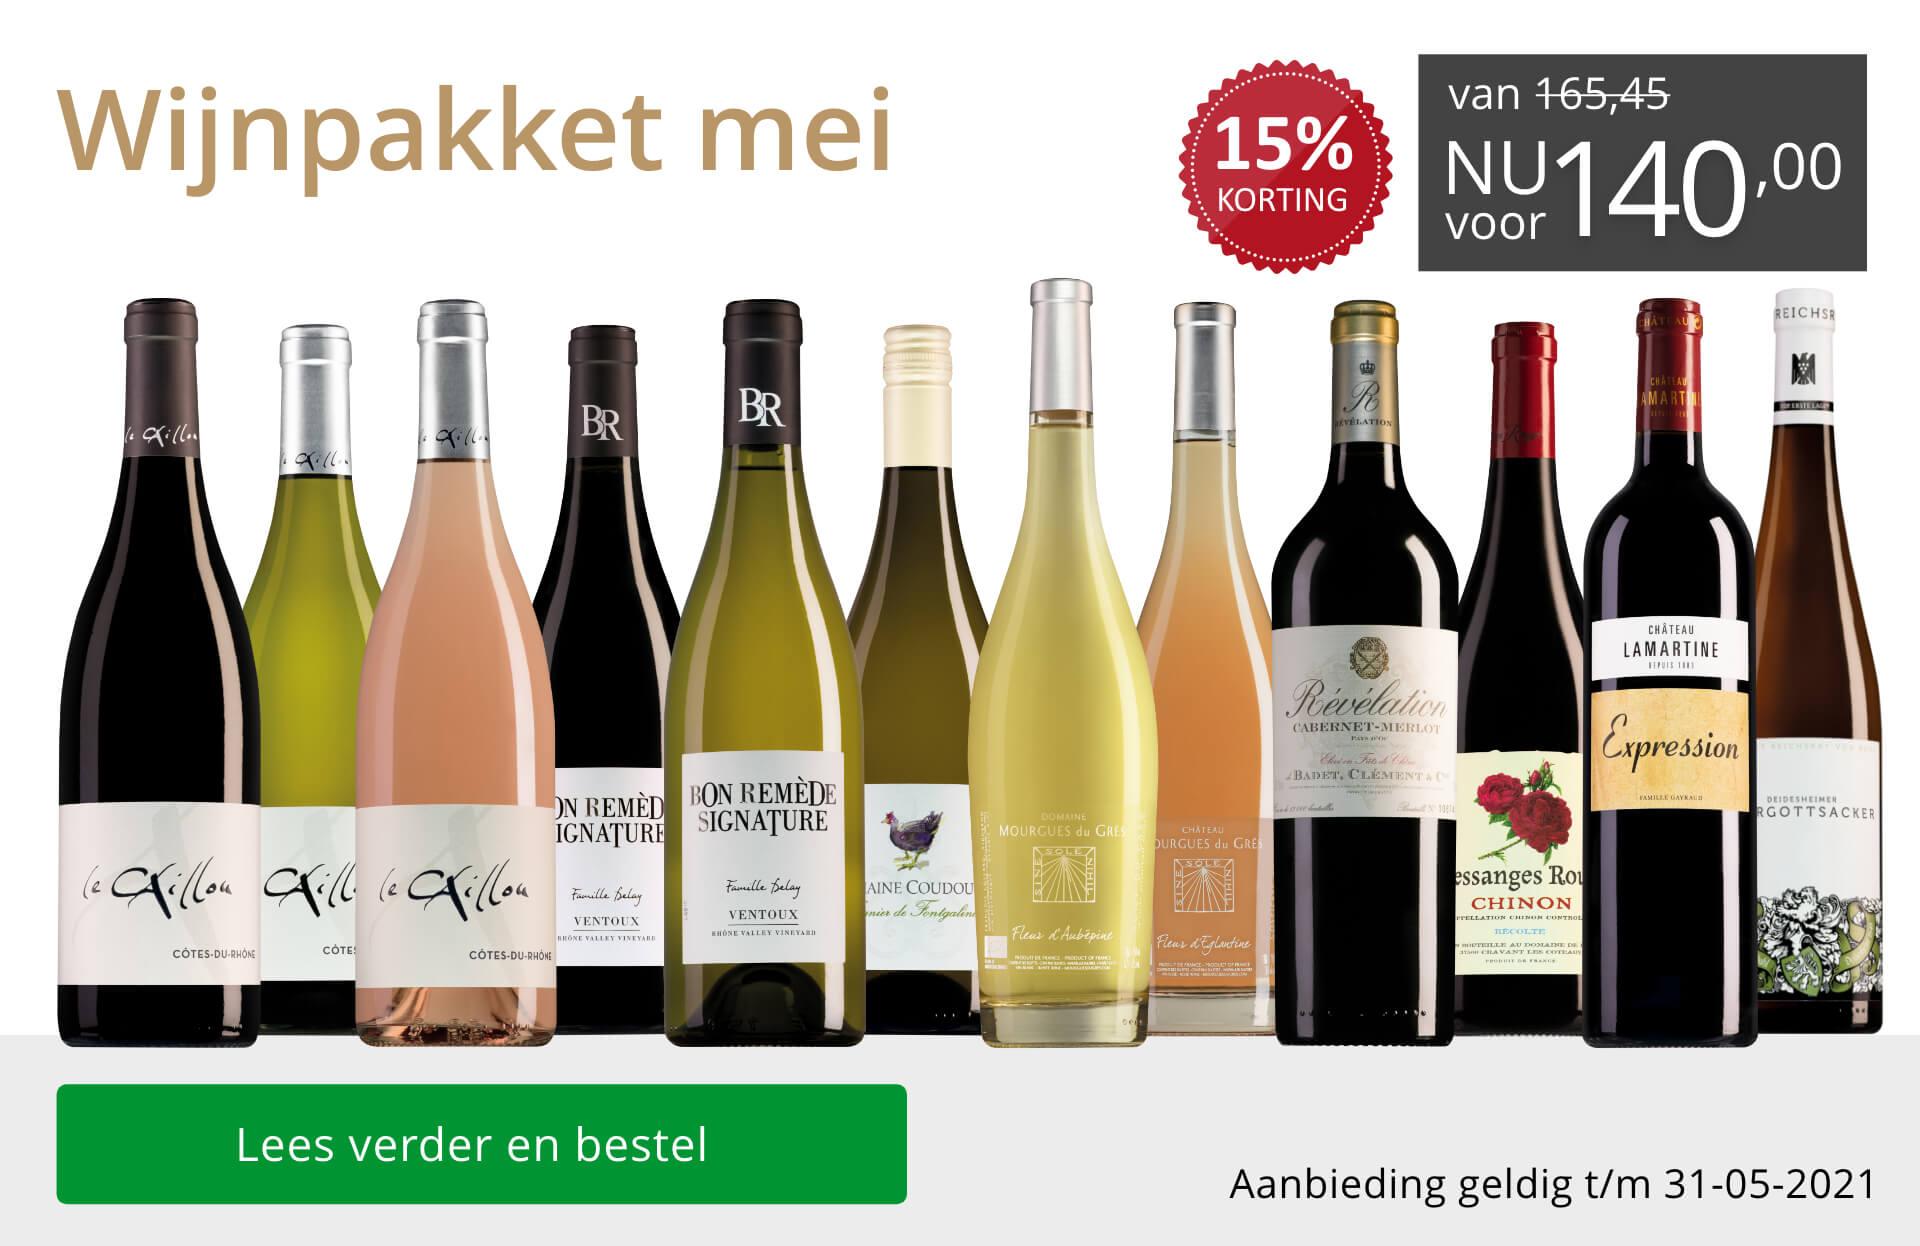 Wijnpakket wijnbericht mei 2021 (140,00) - grijs/goud